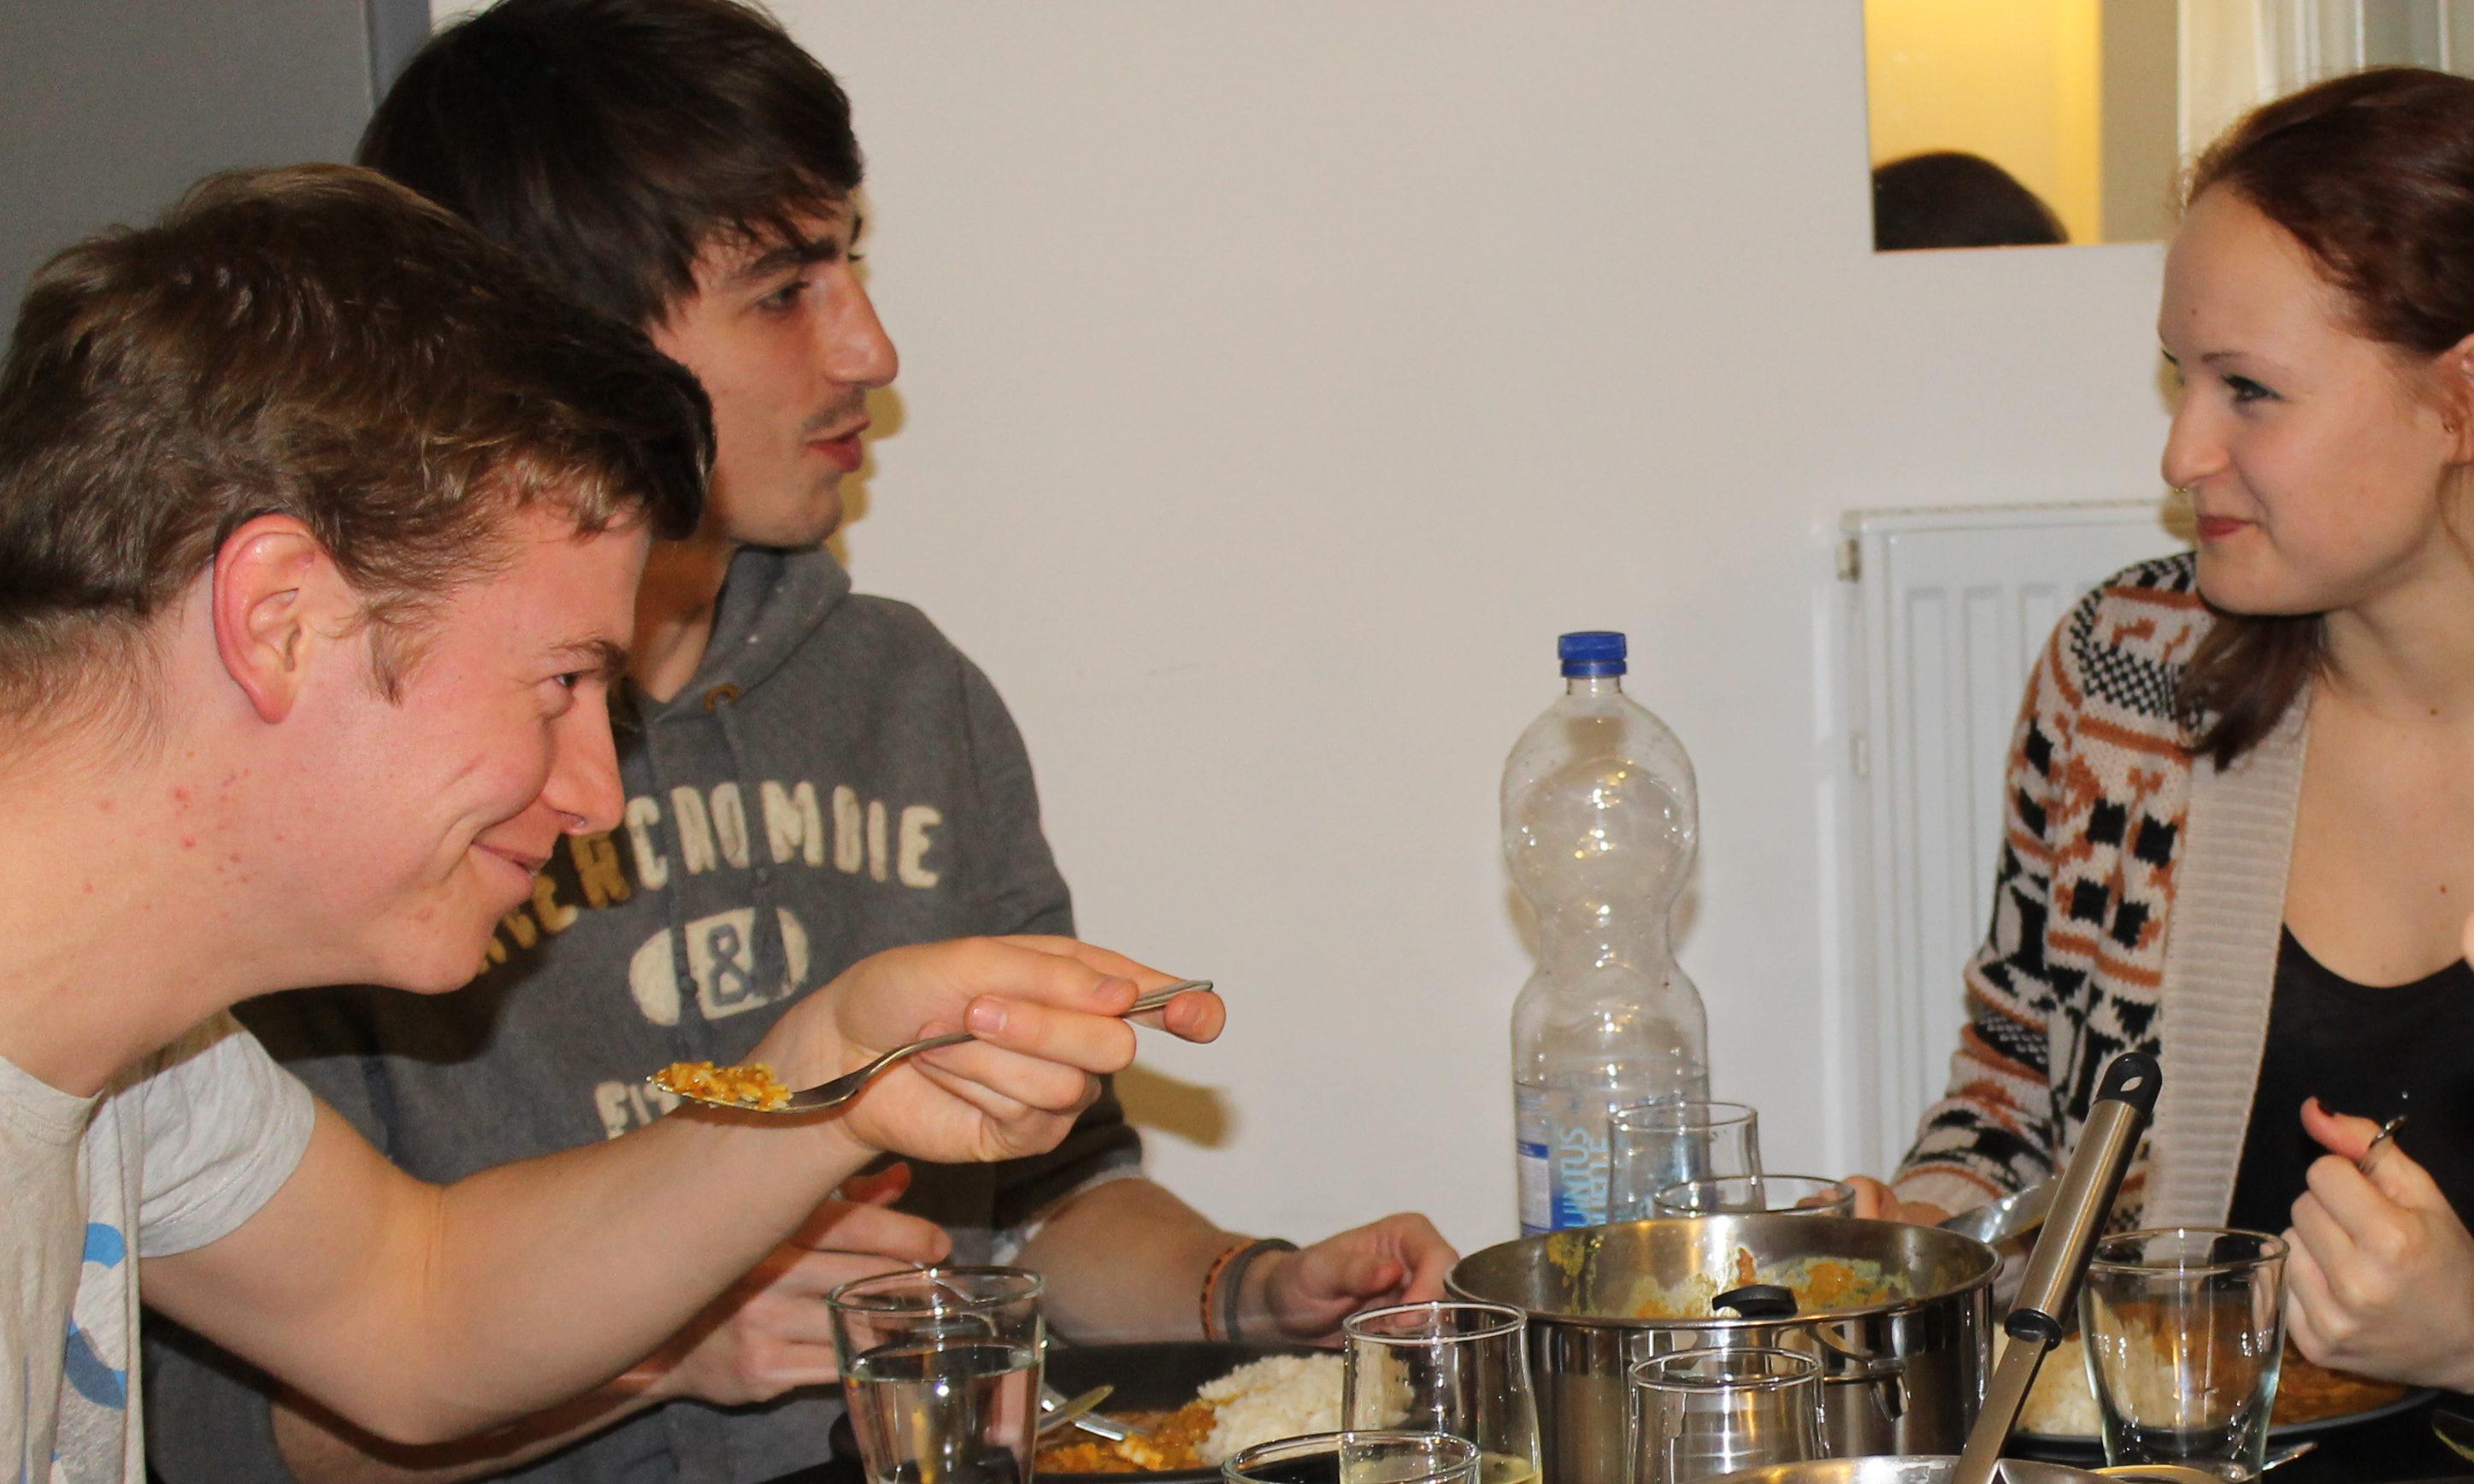 Auch mal den Löffel abgeben – beim Running Dinner kommt jeder auf seine Kosten Bild: Matthias Luxenburger